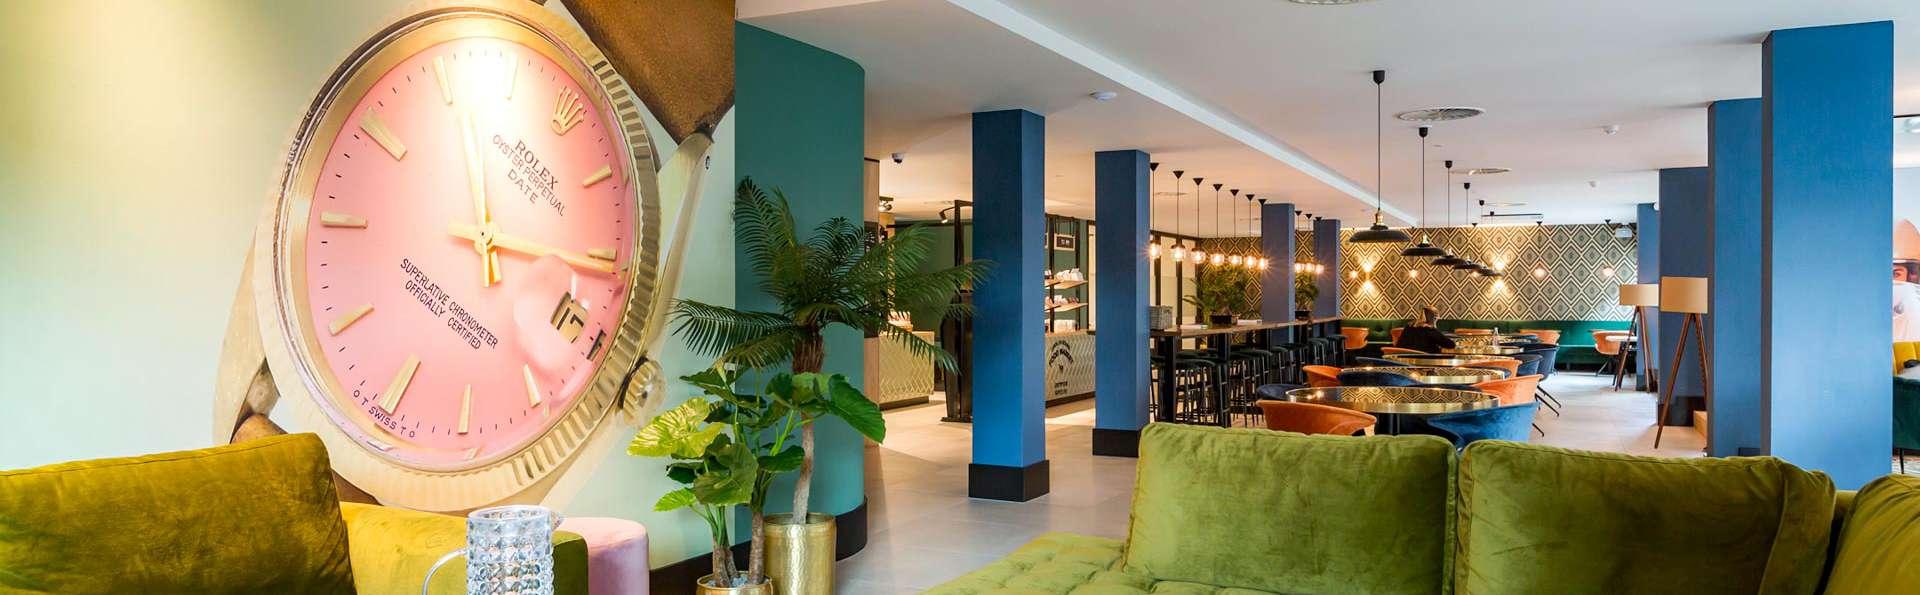 Profitez du design et du confort lors d'un voyage dans la ville de Rotterdam